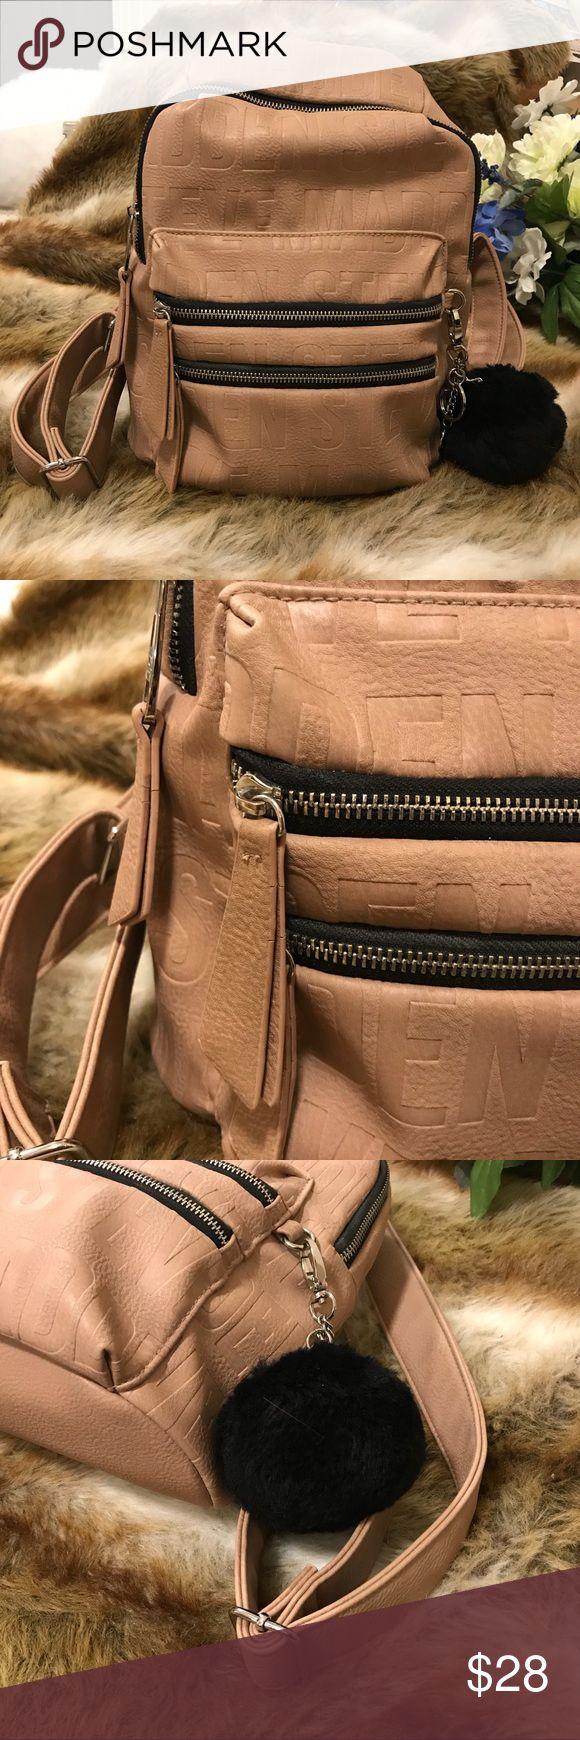 Steve Madden Mini Backpack Embossed Vegan Leather Stylish mini backpack in a nude vegan leather with Steve Madden embossed throughout the vegan leather. Also includes soft puffball keychain 😊 Steve Madden Bags Backpacks